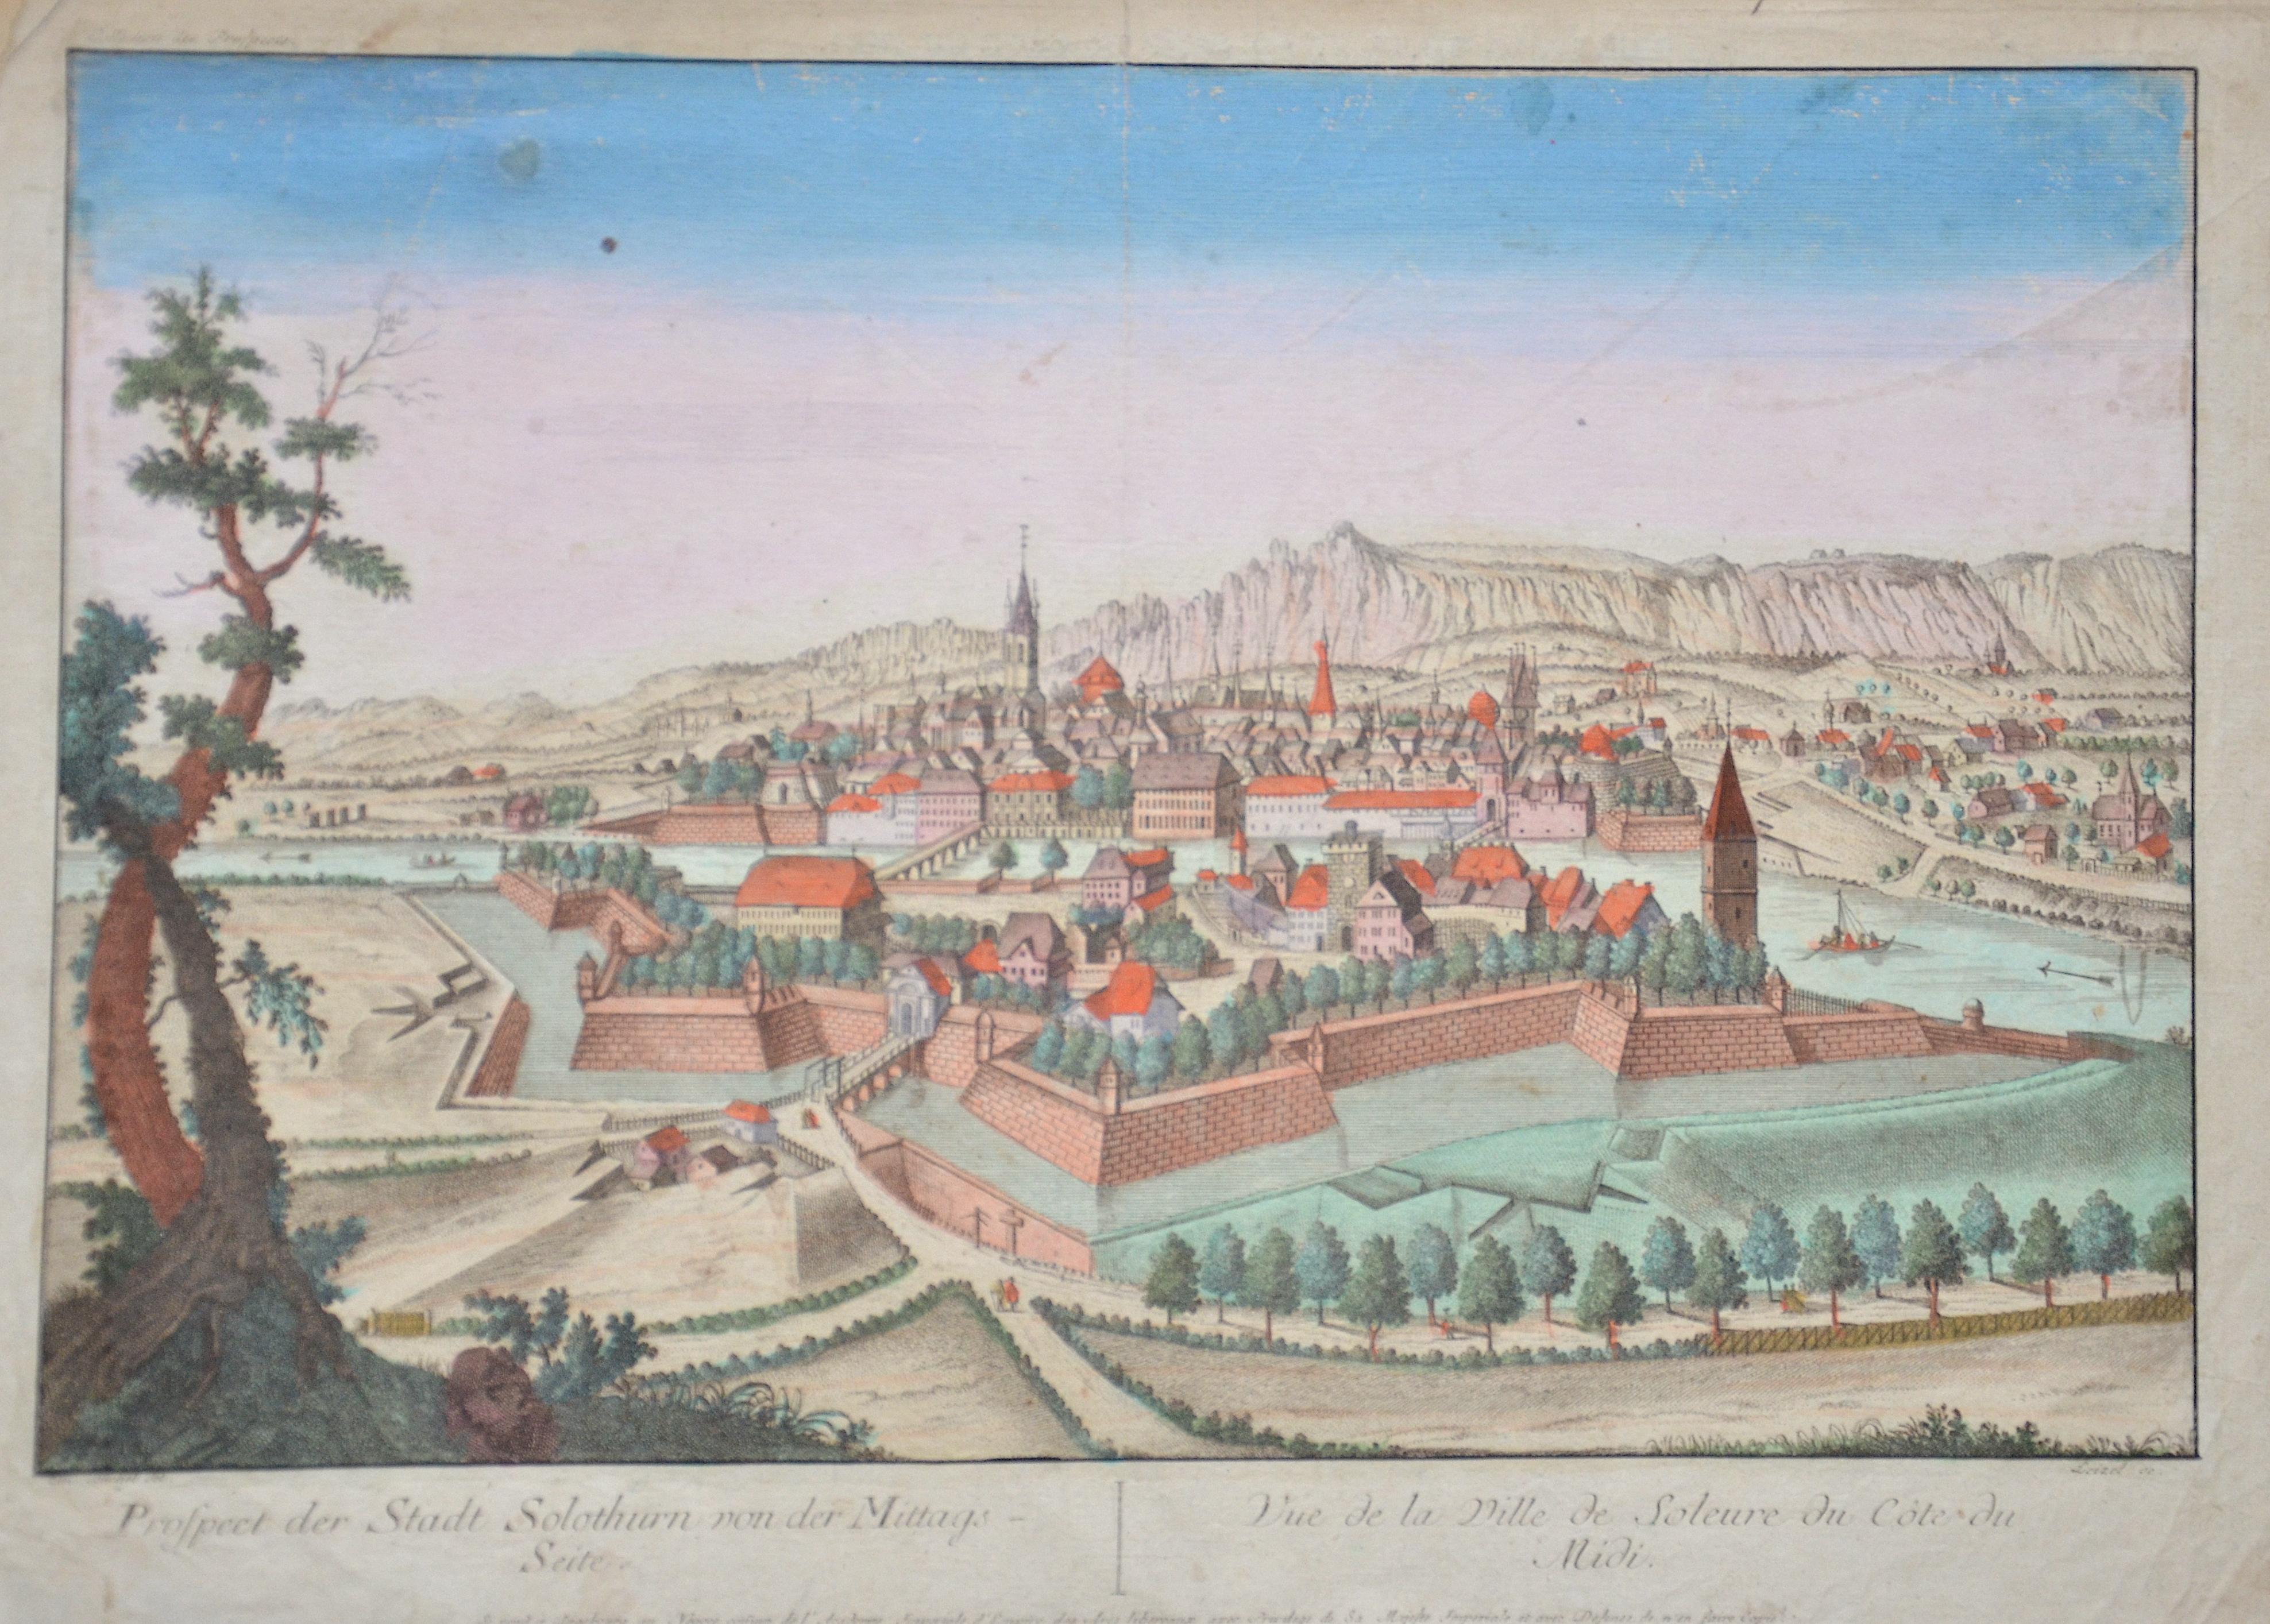 Leizel  Prospect der Stadt Solothurn von der Mittags-Seite. / Vue de la Ville de Soleure du Cote du Midi.